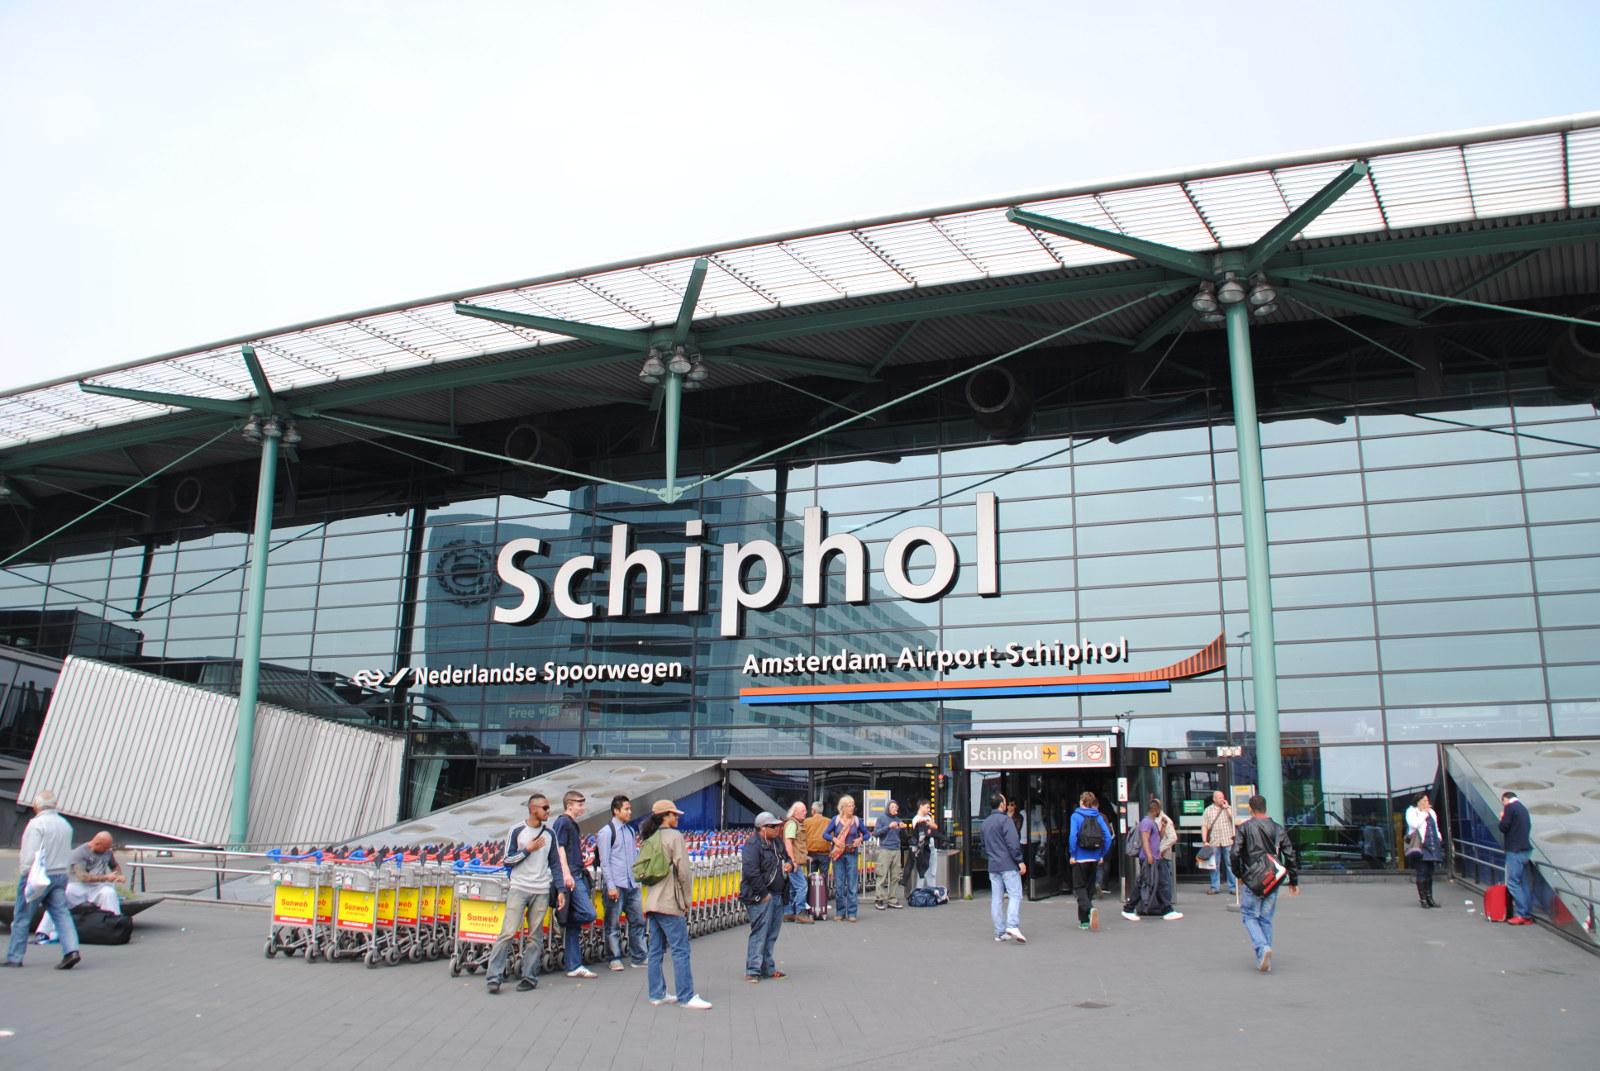 El diseño del aeropuerto es bastante austero, pero totalmente eficaz. ¡Me encanta!